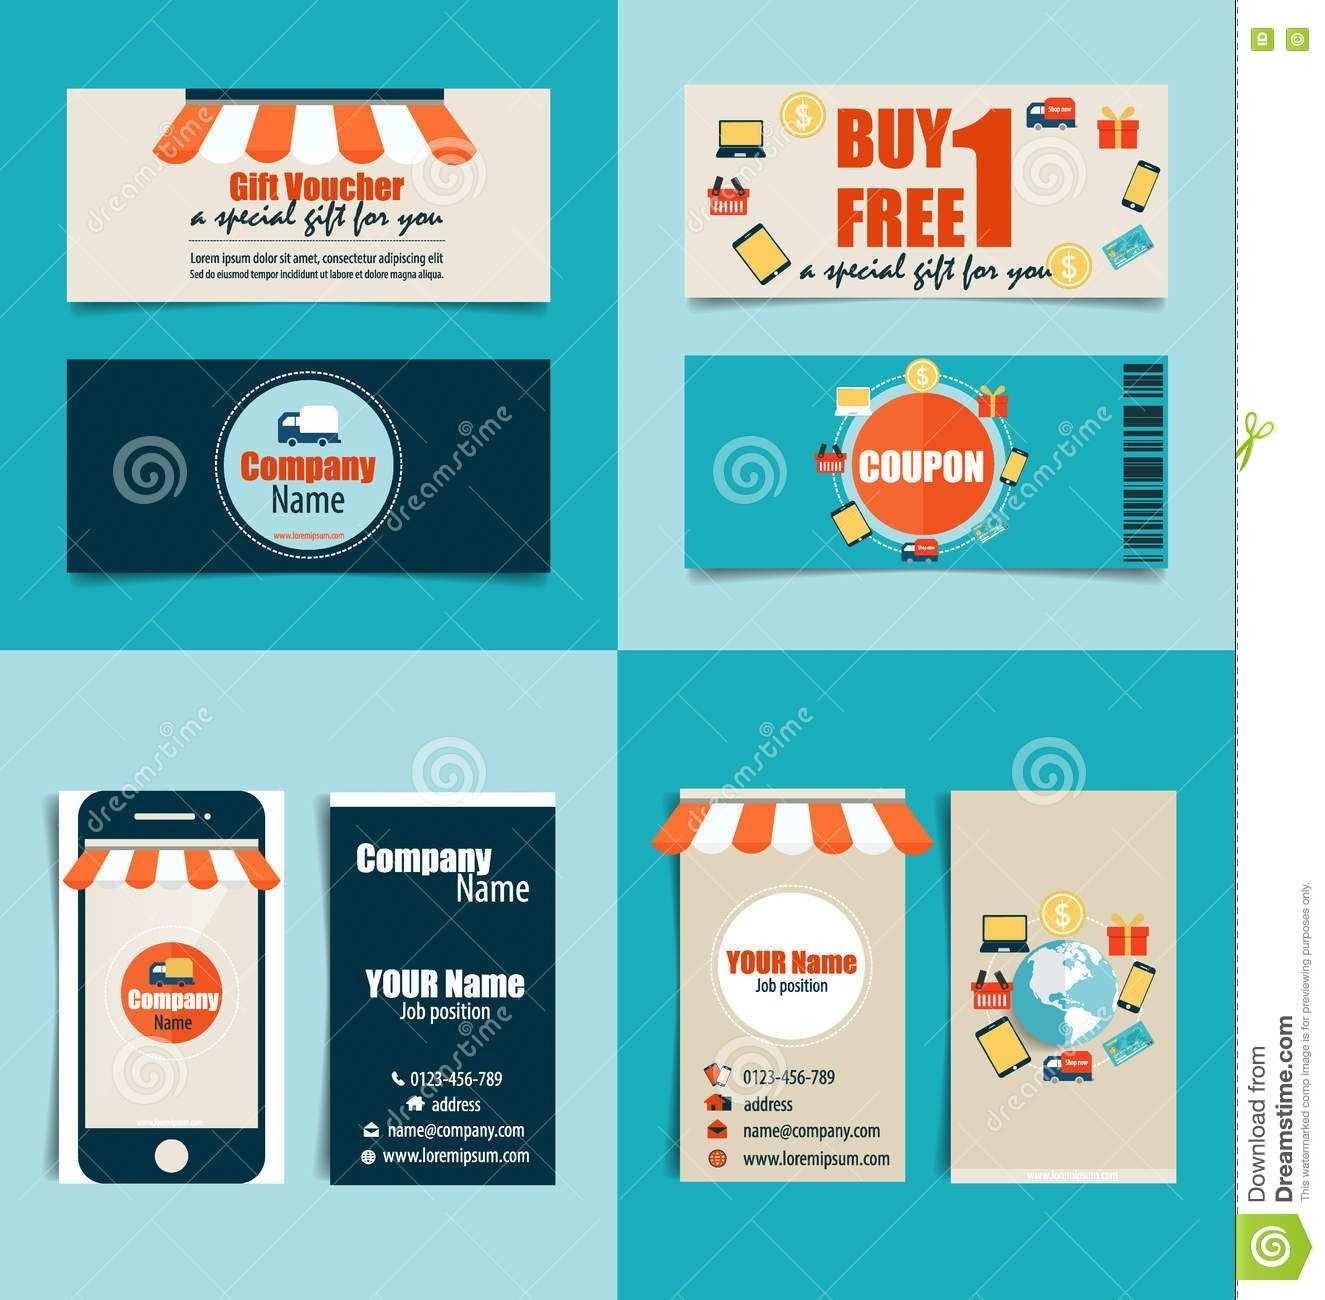 Online Visitenkarte Vorlage Kostenlos Downloaden Sowie Kostenlose Online Geschafts Karten Visitenkarten Vorlagen Visitenkarten Visitenkarten Vorlagen Kostenlos